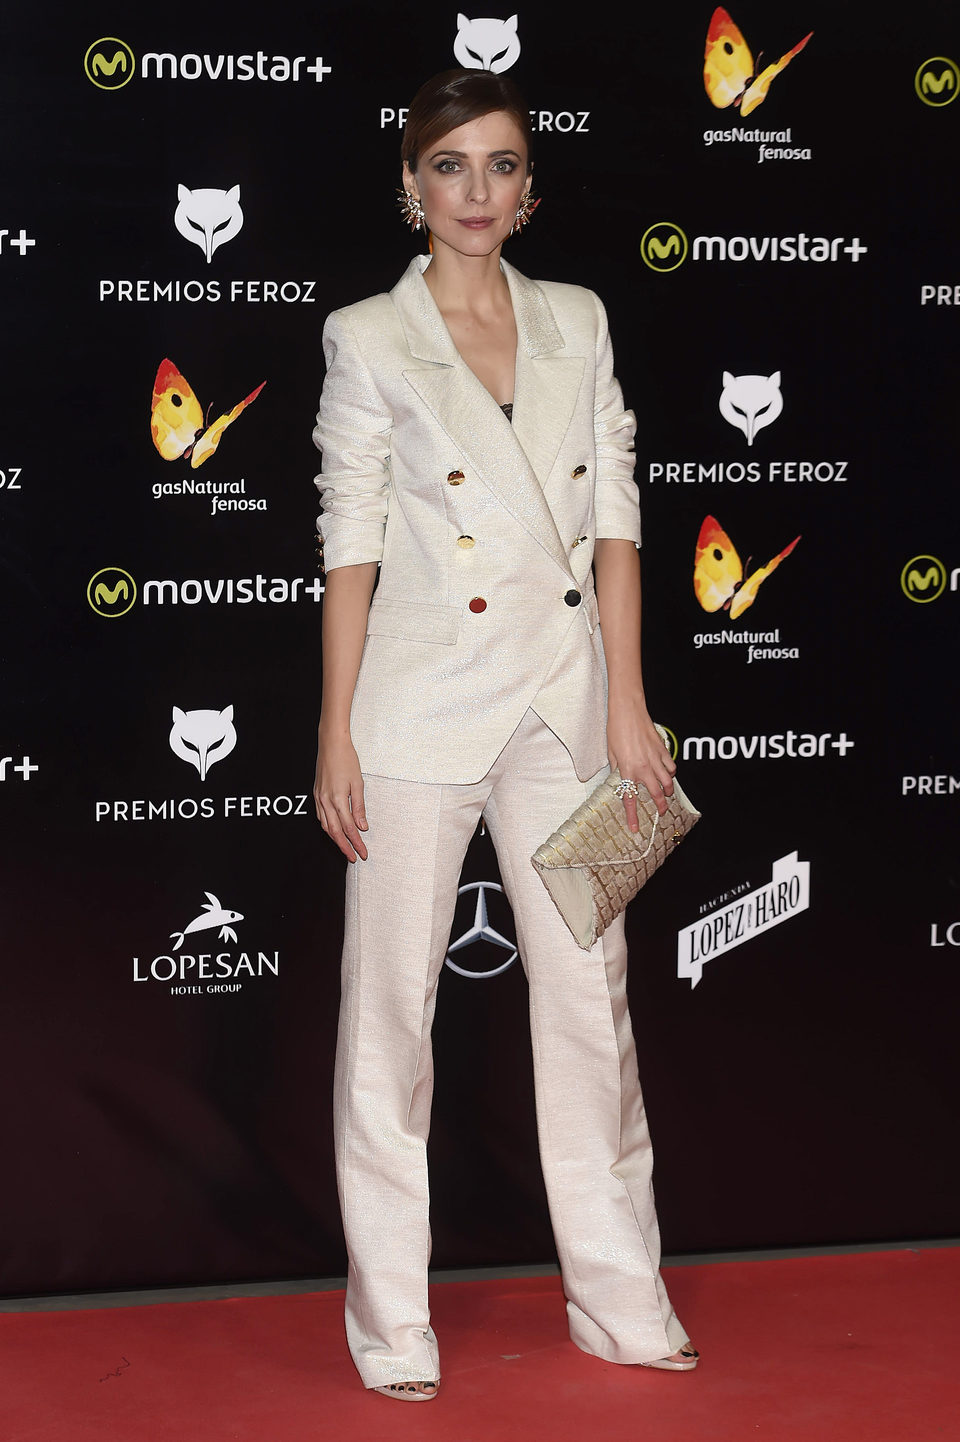 Leticia Dolera en la alfombra roja de los Premios Feroz 2016